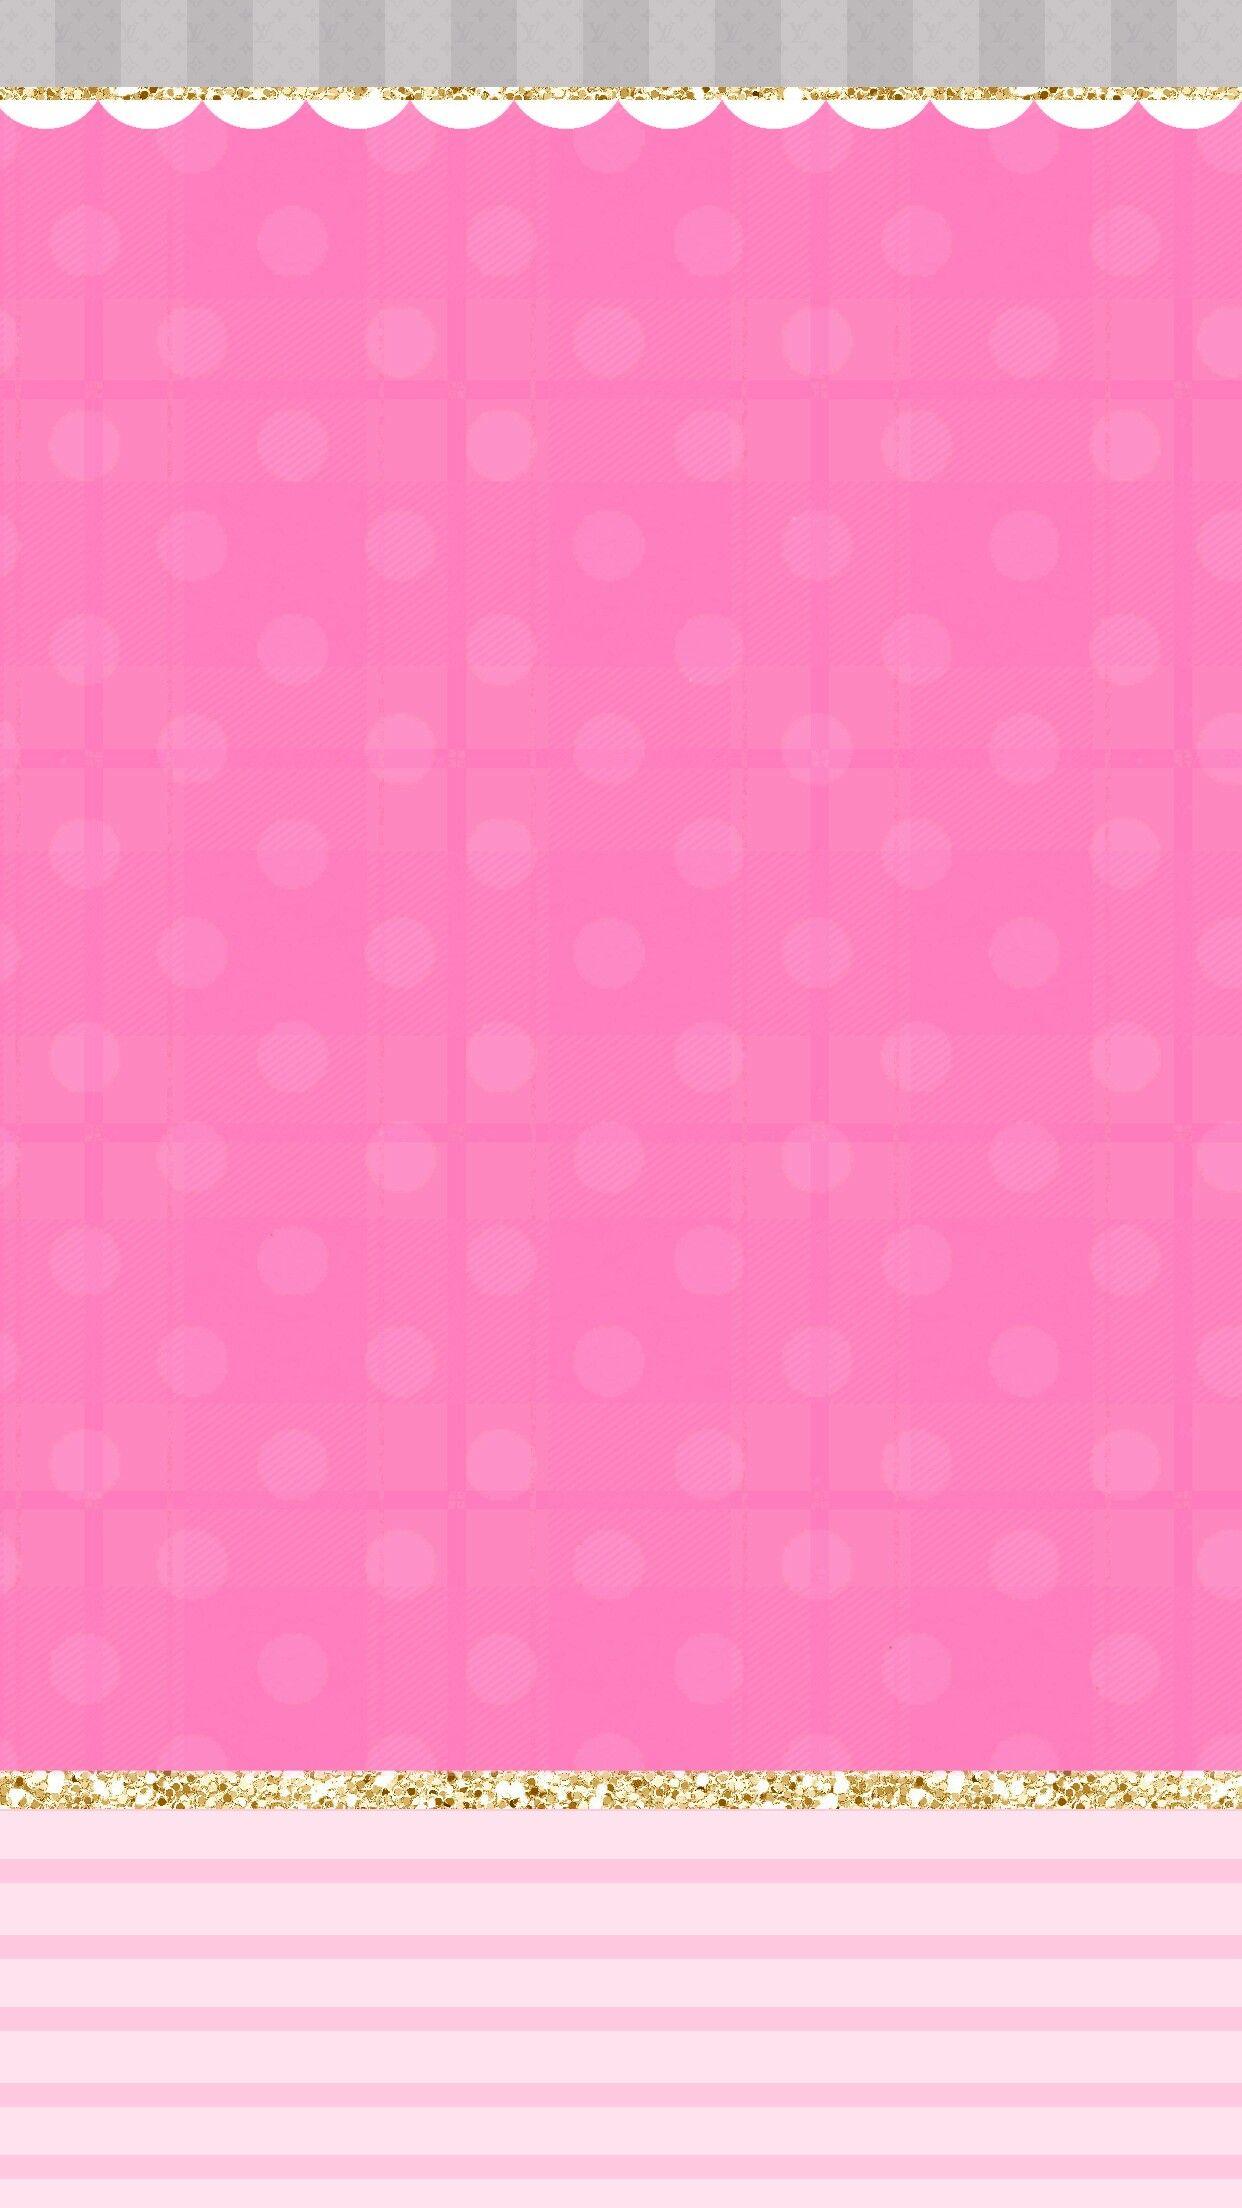 Beautiful Wallpaper Hello Kitty Glitter - 98f81d2f06dda4153b01cc2a44c61115  You Should Have_772450.jpg